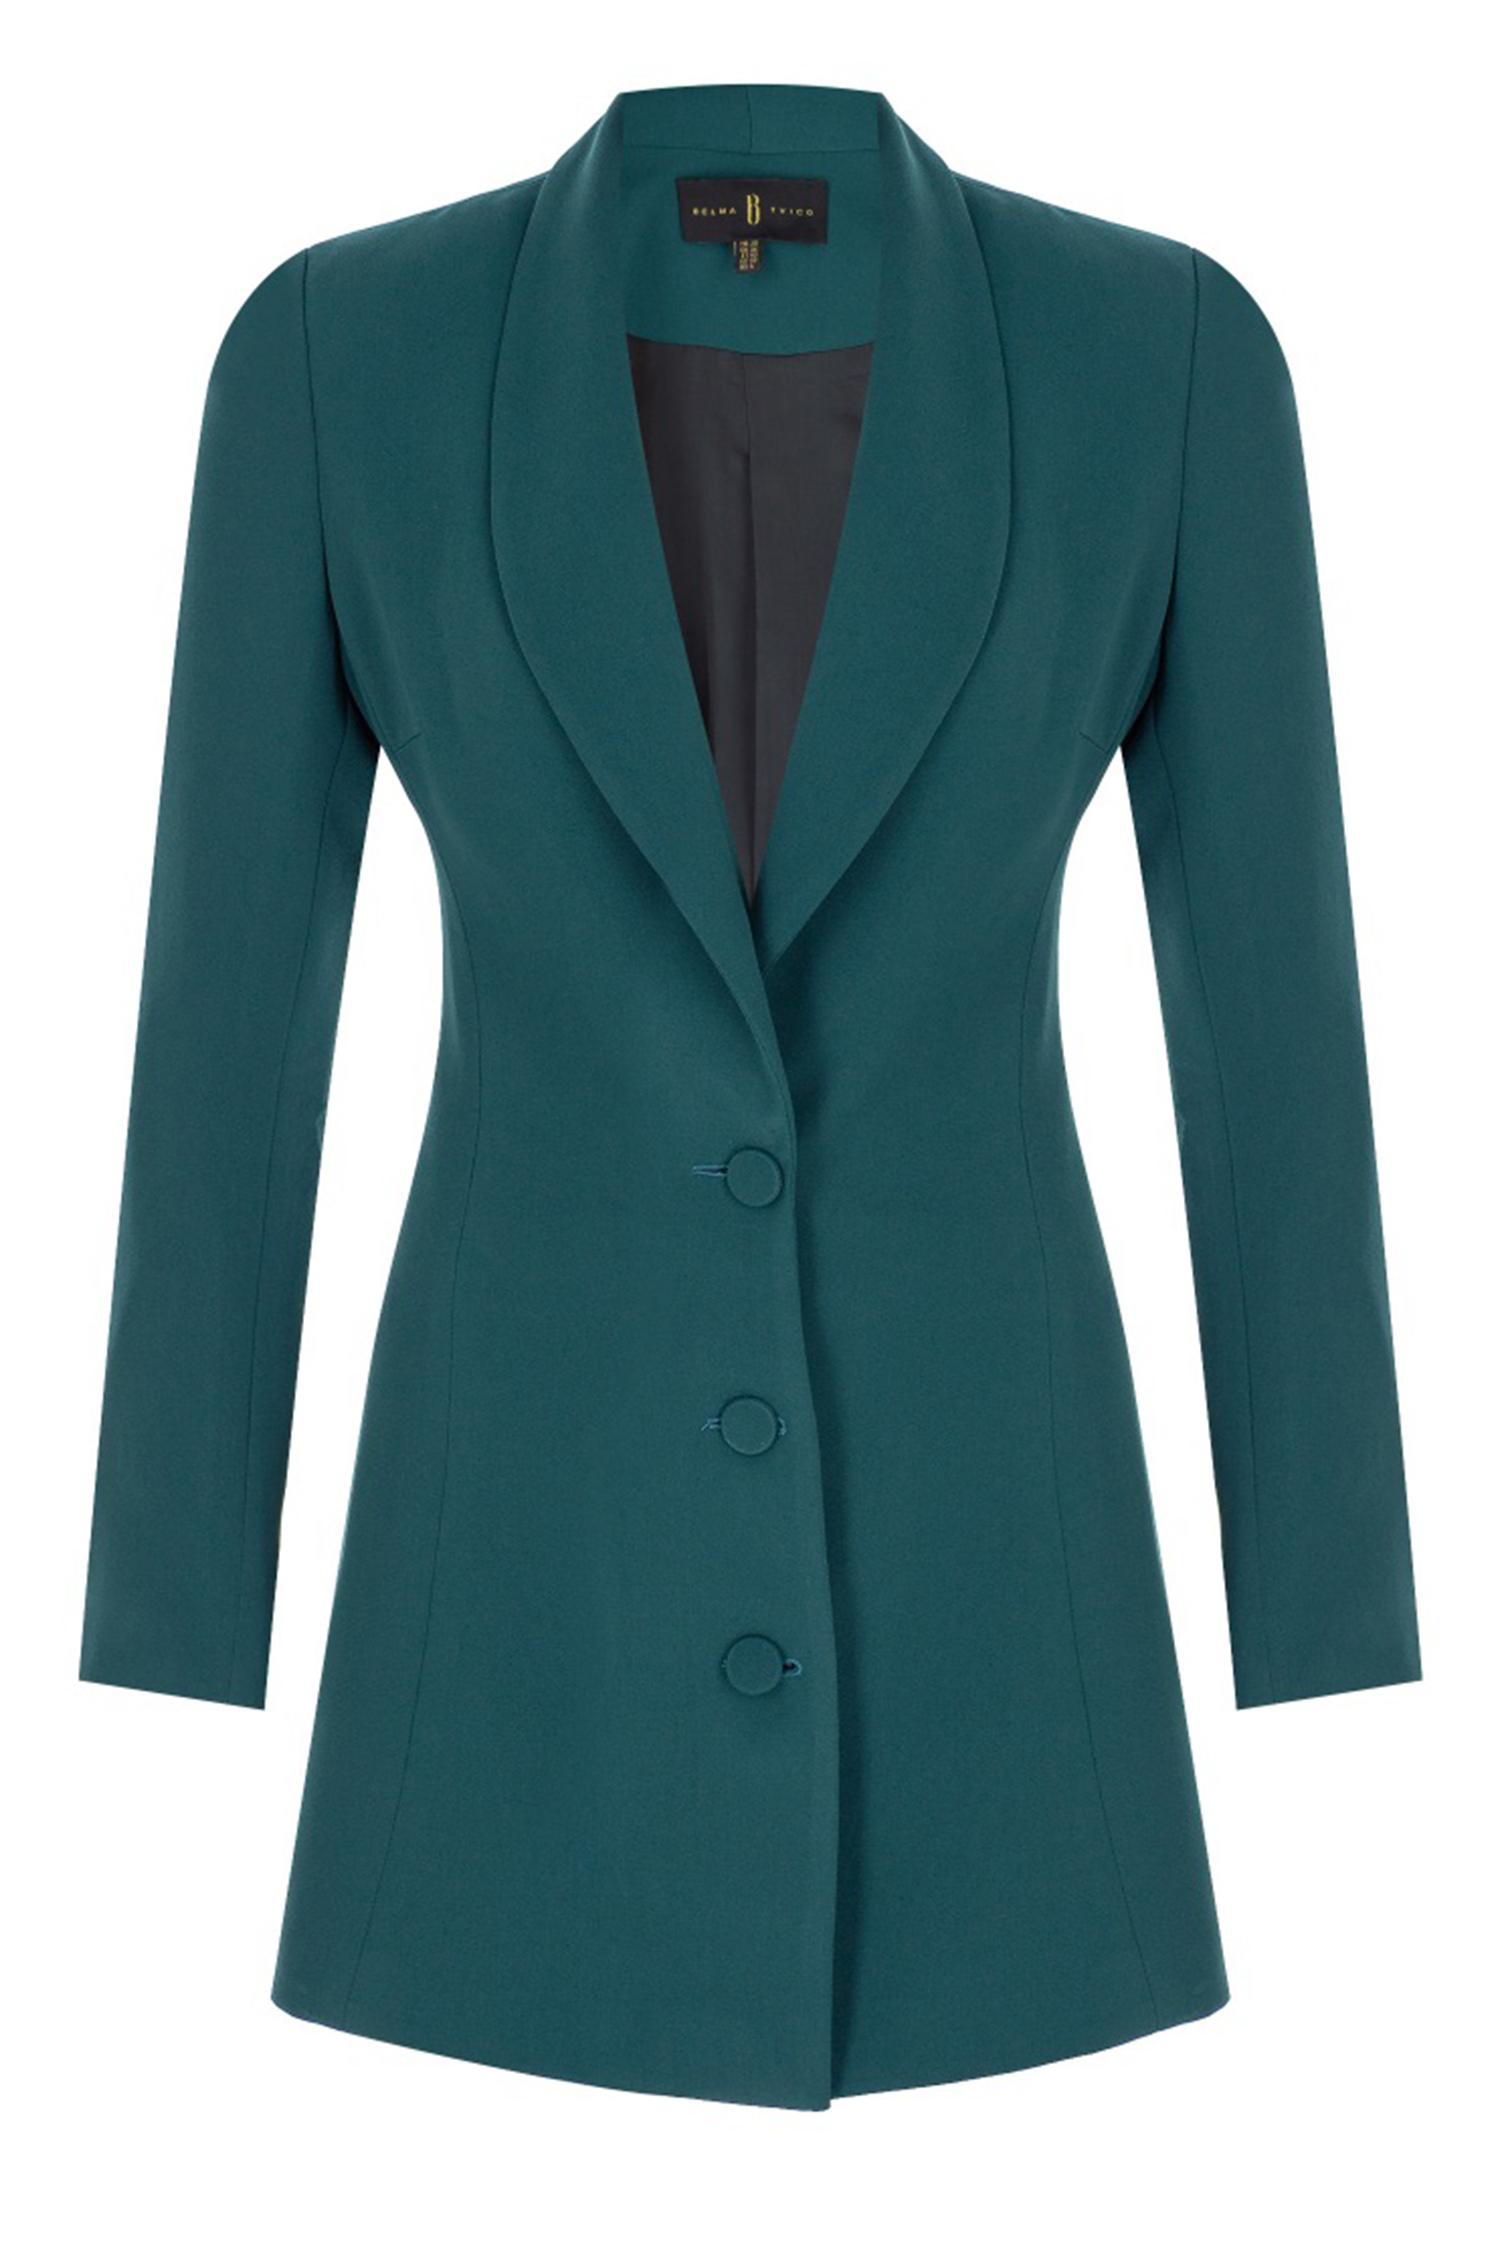 longblazer, blazer, suit, fw 21/22